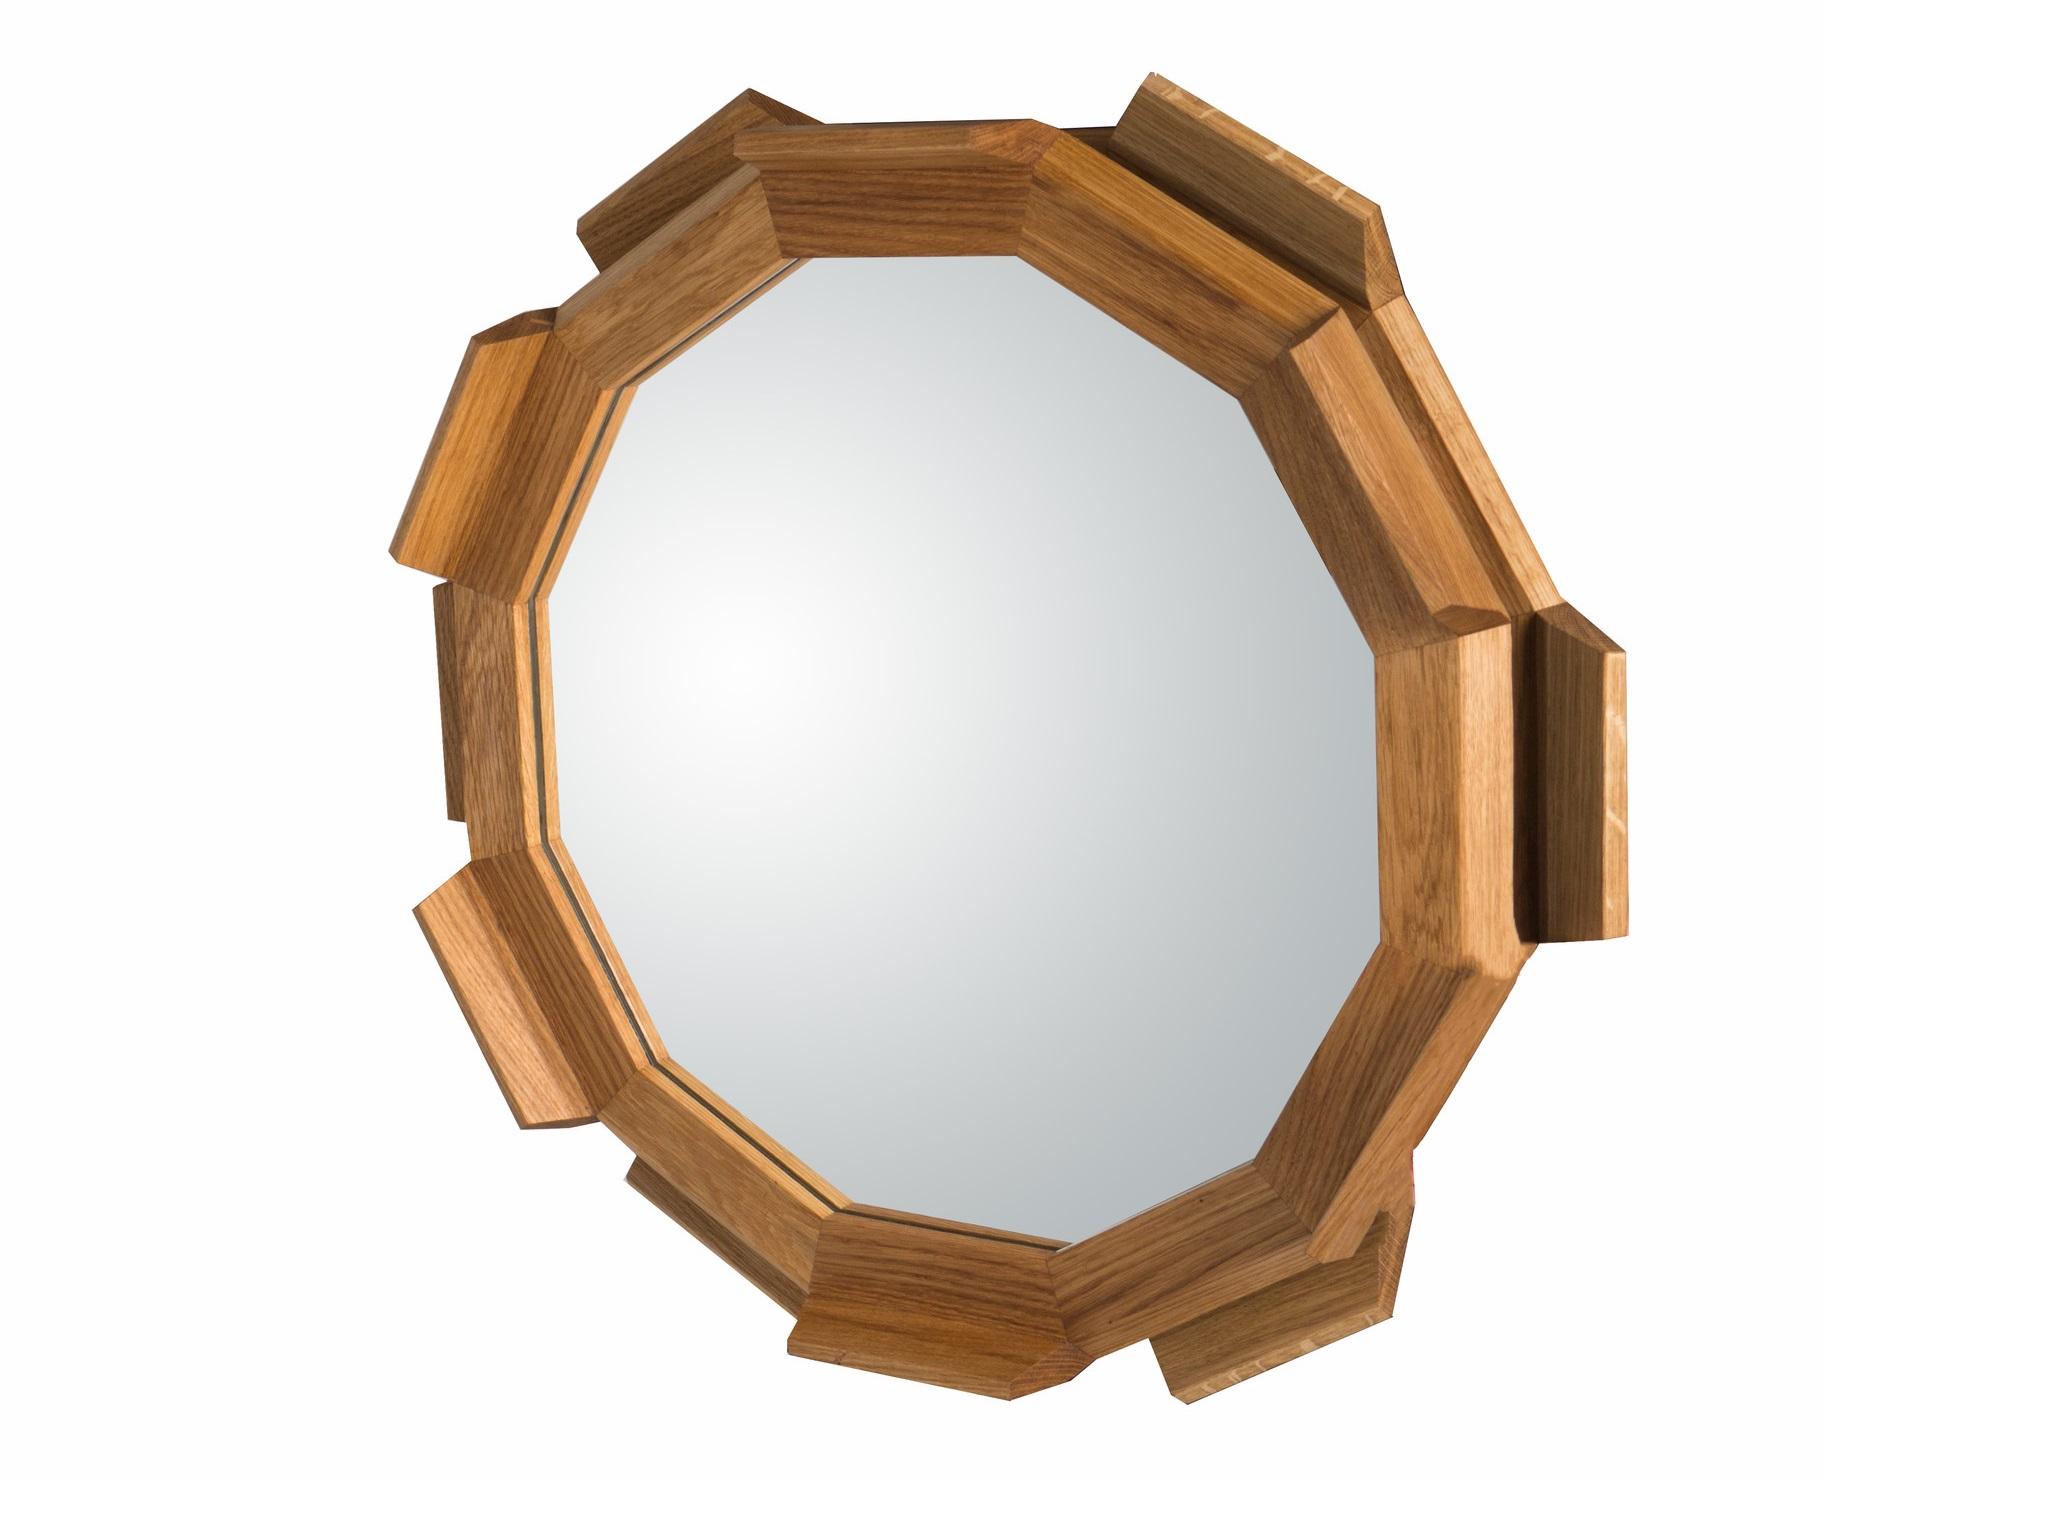 Зеркало Kupus 6Настенные зеркала<br>Настенное зеркало из массива дуба. Отделка — натуральное масло, благодаря чему открывается естественная структура  дерева. Зеркальное полотно крепится к внешней верхней раме, благодаря чему создается эффект зависшего в воздухе космического корабля. В нижнюю раму вмонтирована латунная фурнитура, поэтому зеркало можно легко и просто повесить.&amp;amp;nbsp;<br><br>Material: Дуб<br>Depth см: 12<br>Diameter см: 72